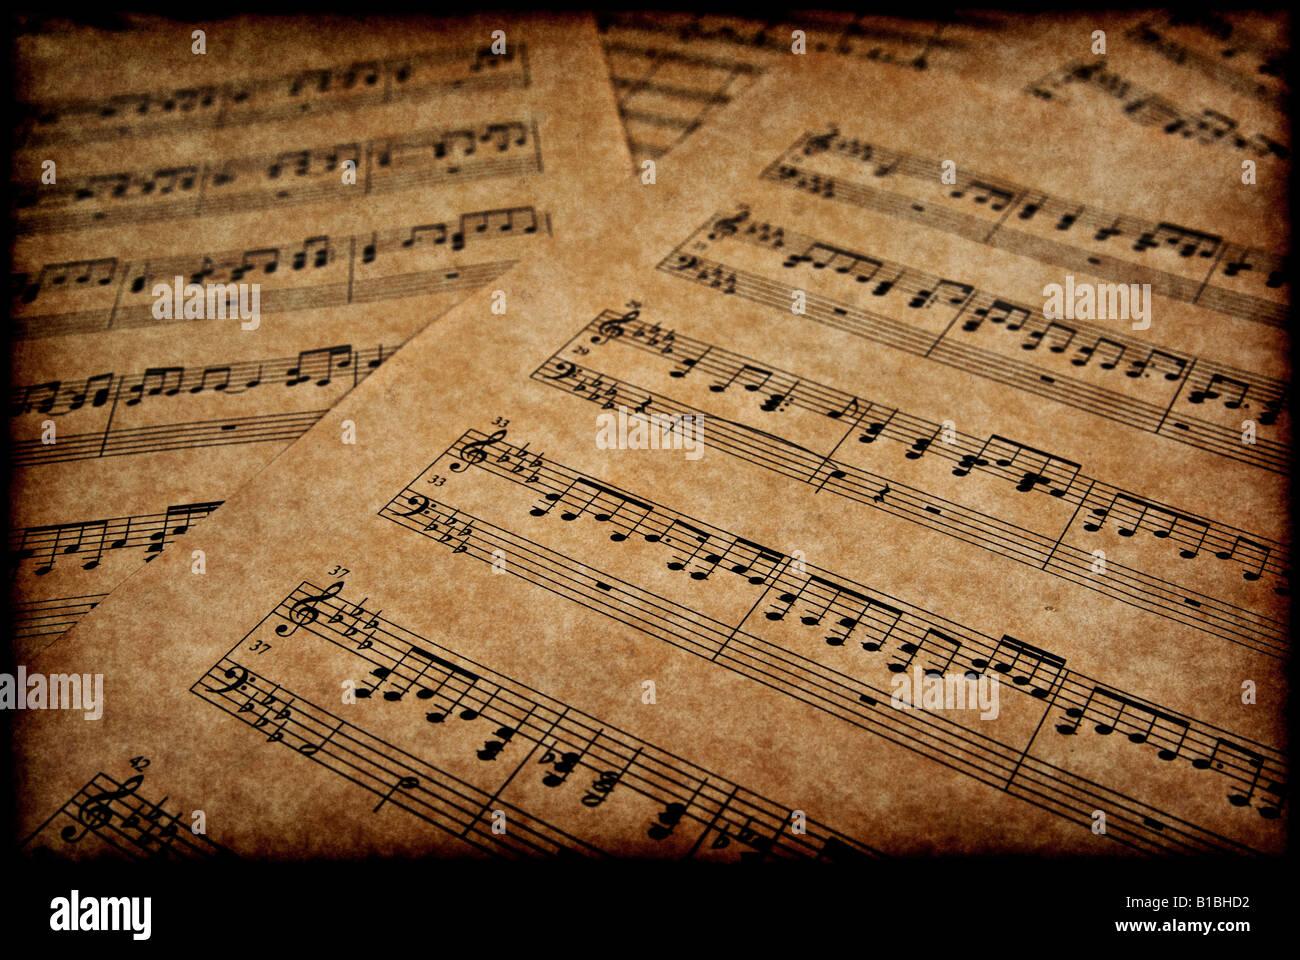 Grande image de notes de musique sur papier parchemin brun Banque D'Images